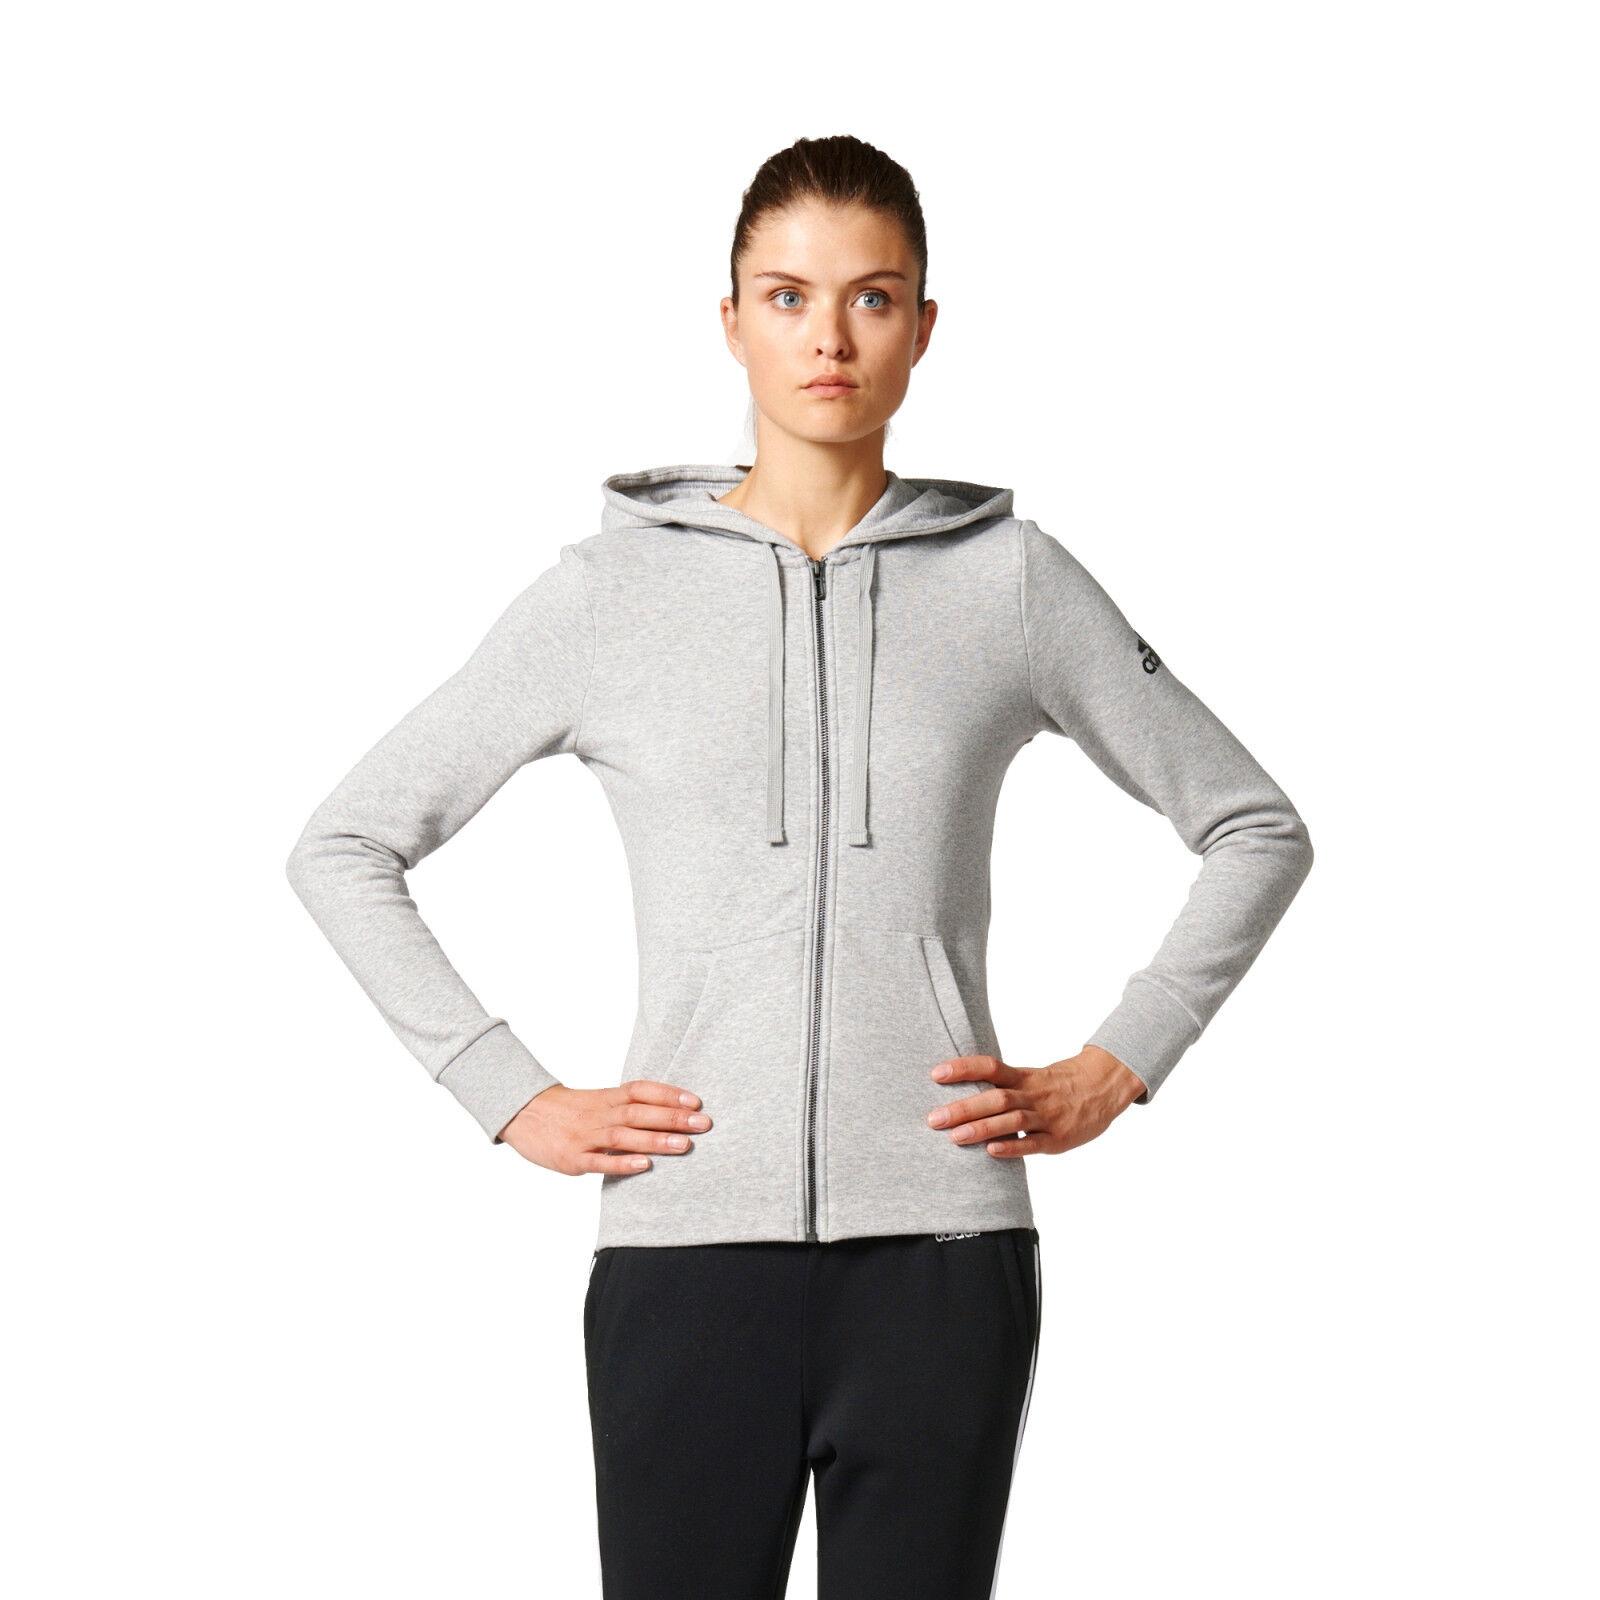 Adidas Donna Felpa con Cappuccio Palestra Essentials Lineare Lineare Lineare Cerniera Intera f9bdf7